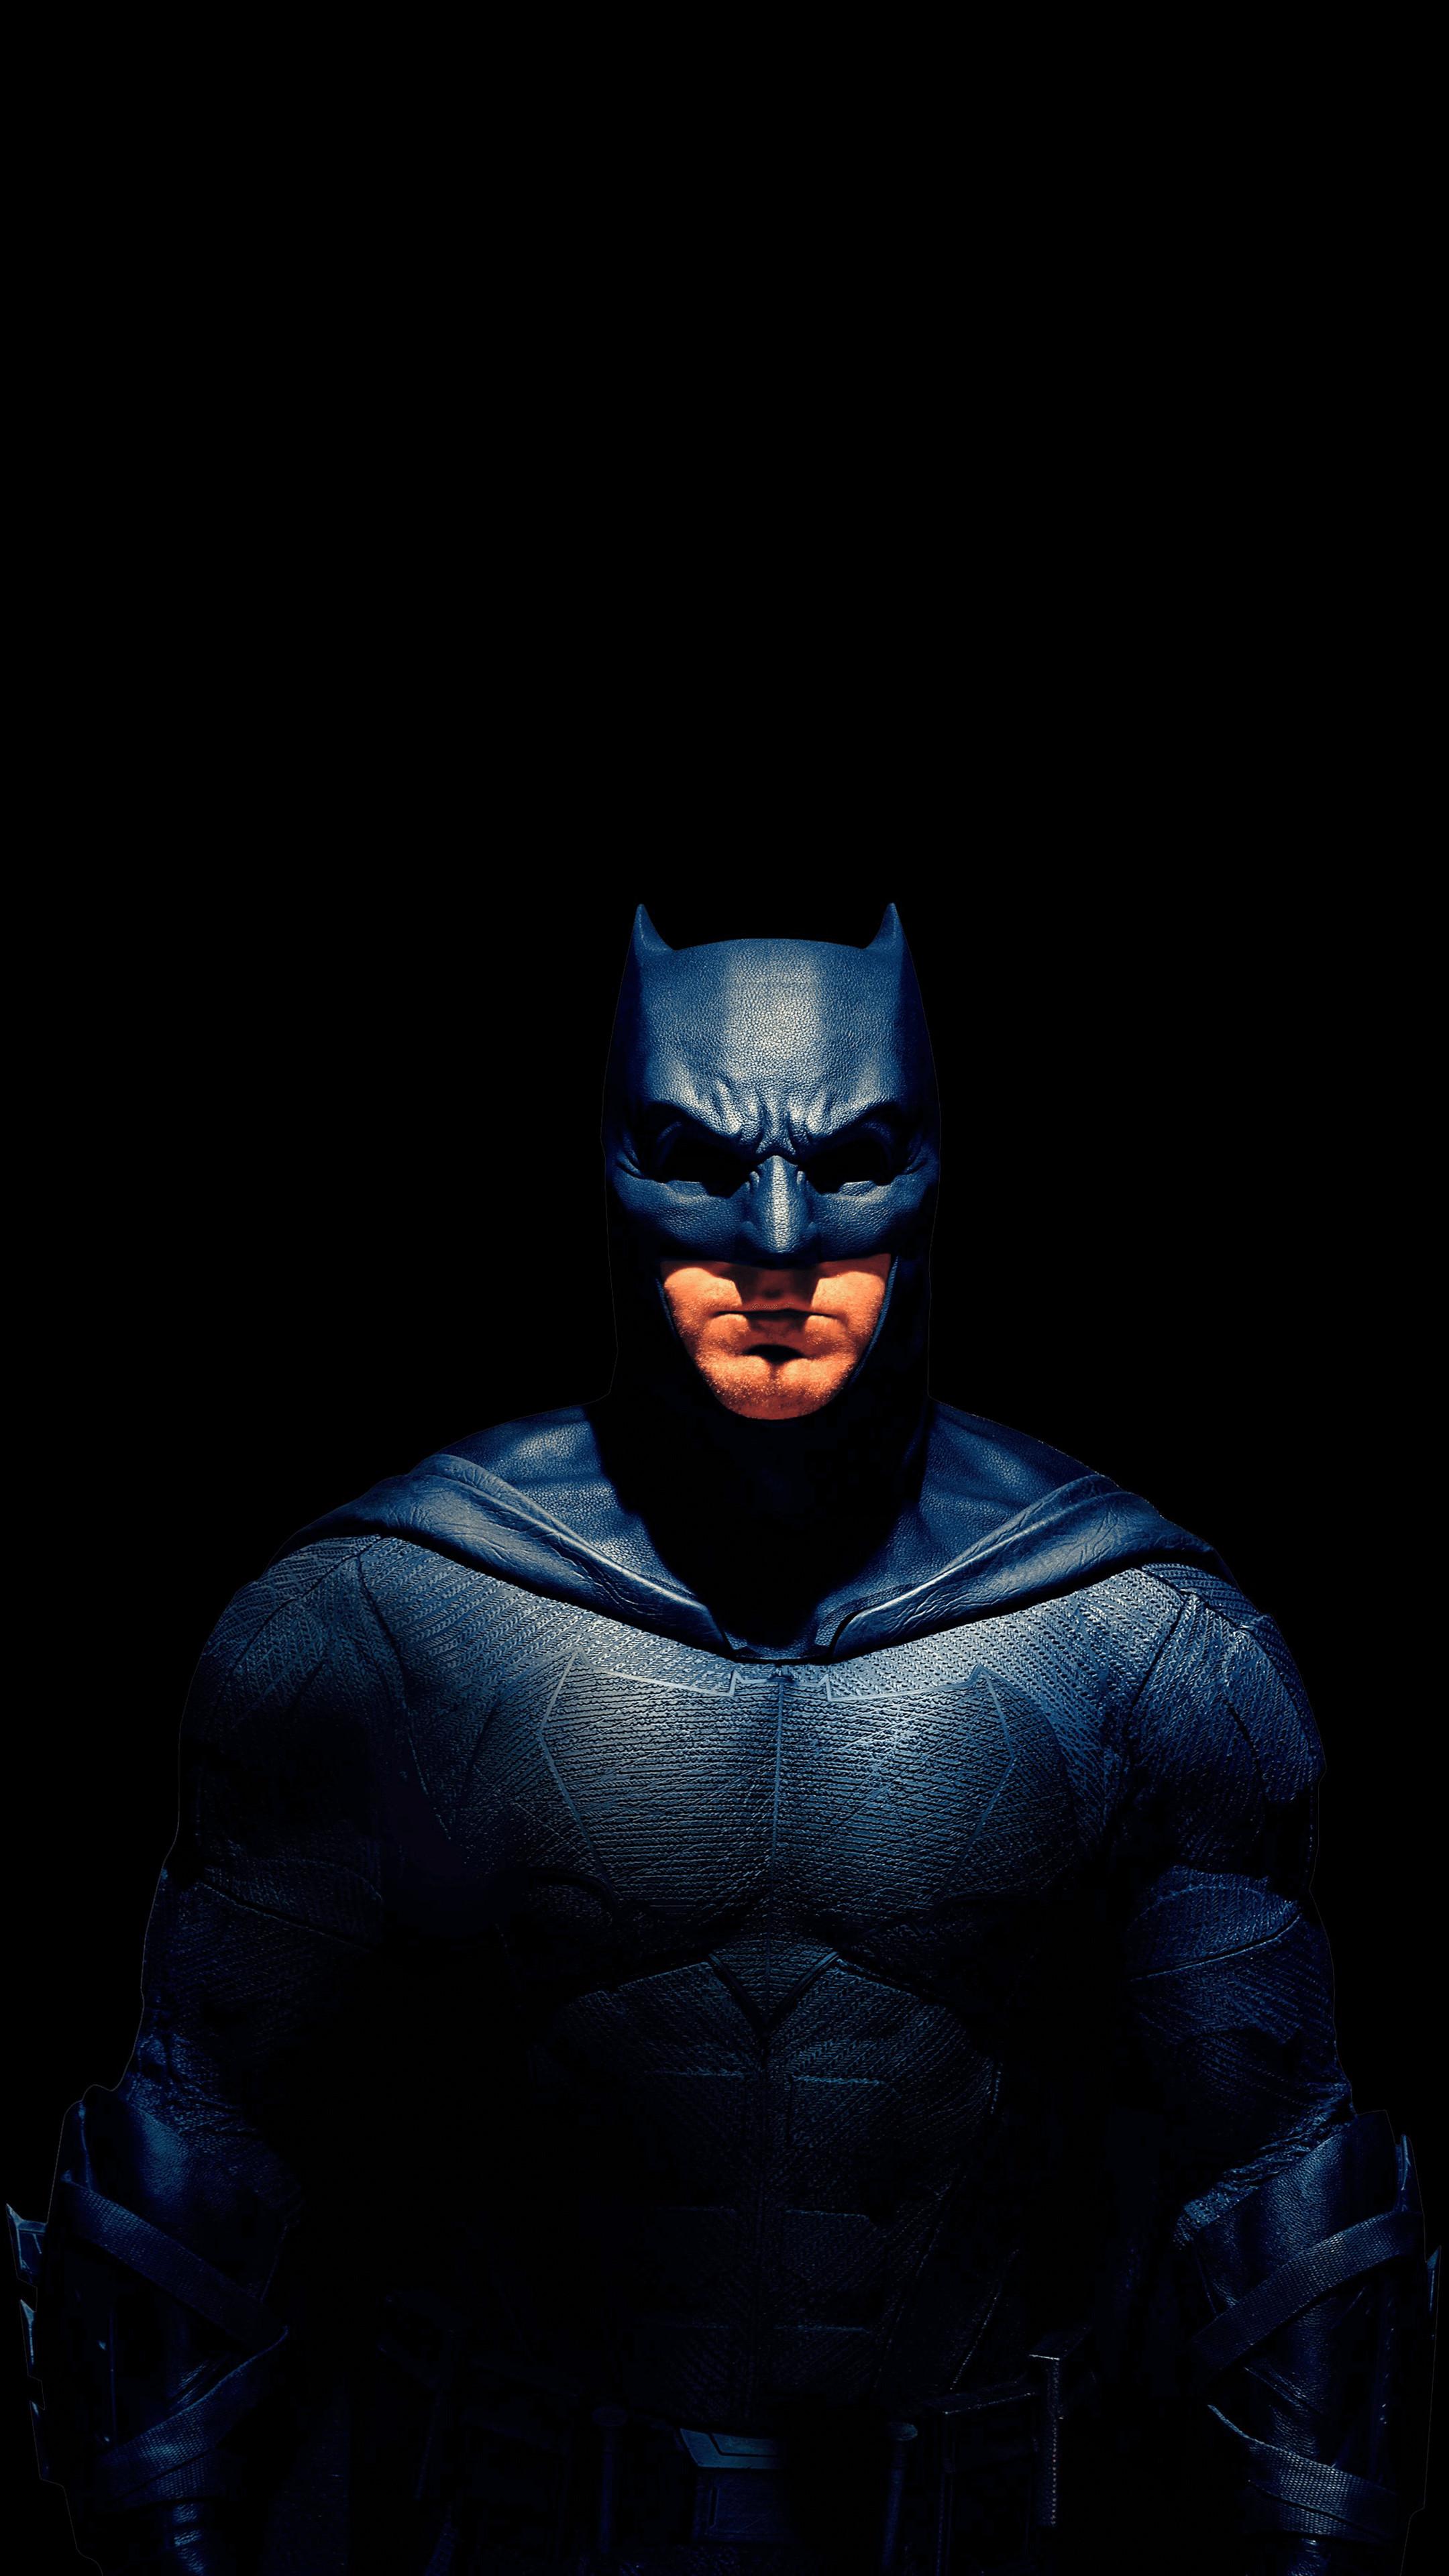 Ảnh đẹp 4k dành cho điện thoại - Batman